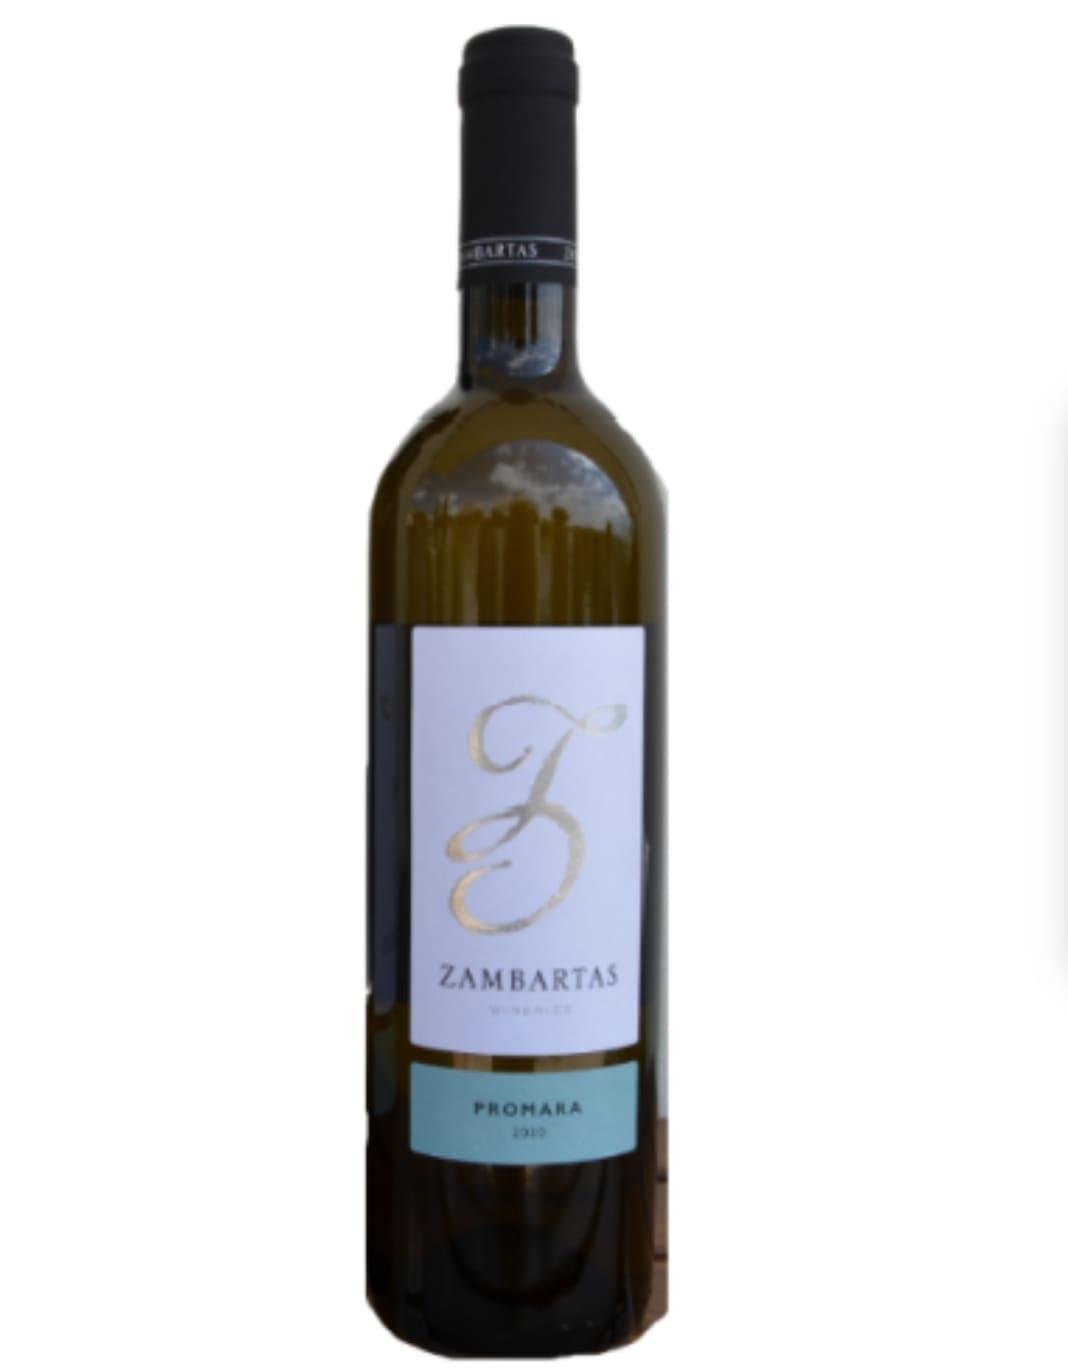 ZAMBARTAS WINERY PROMARA 75CL